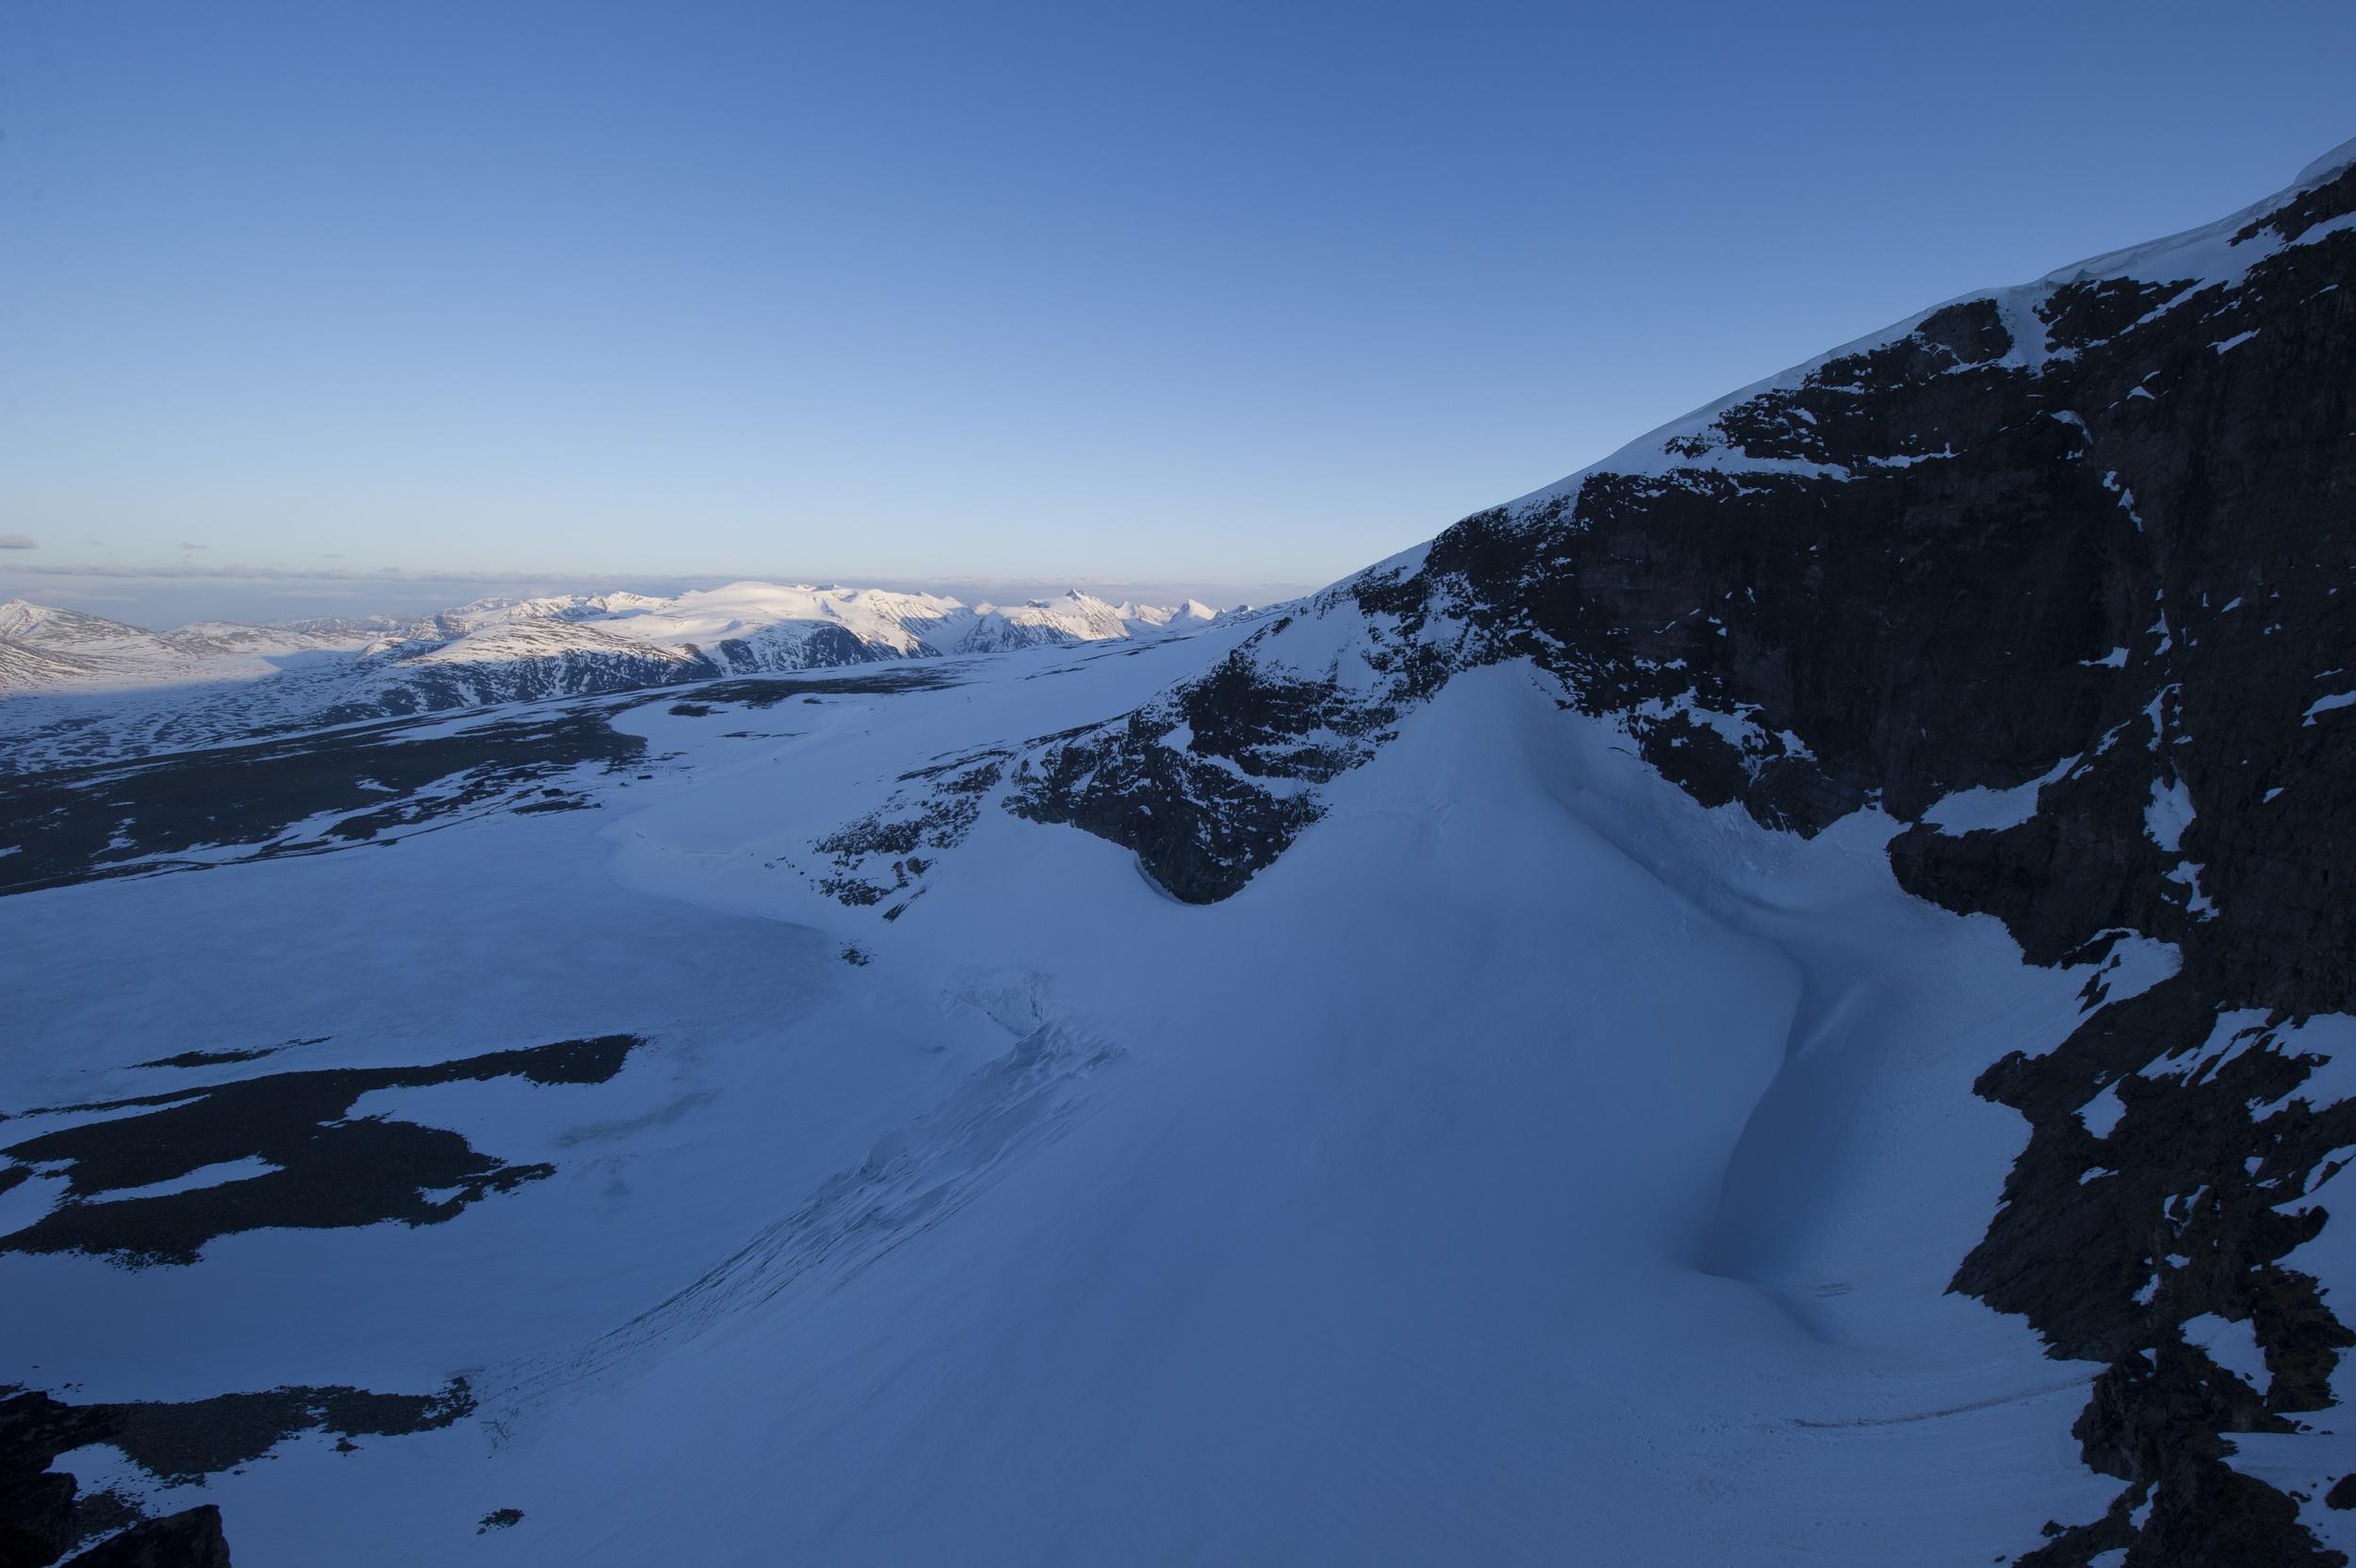 På veg opp med utsikt ned i Kjelen. Foto: Johan Wildhagen